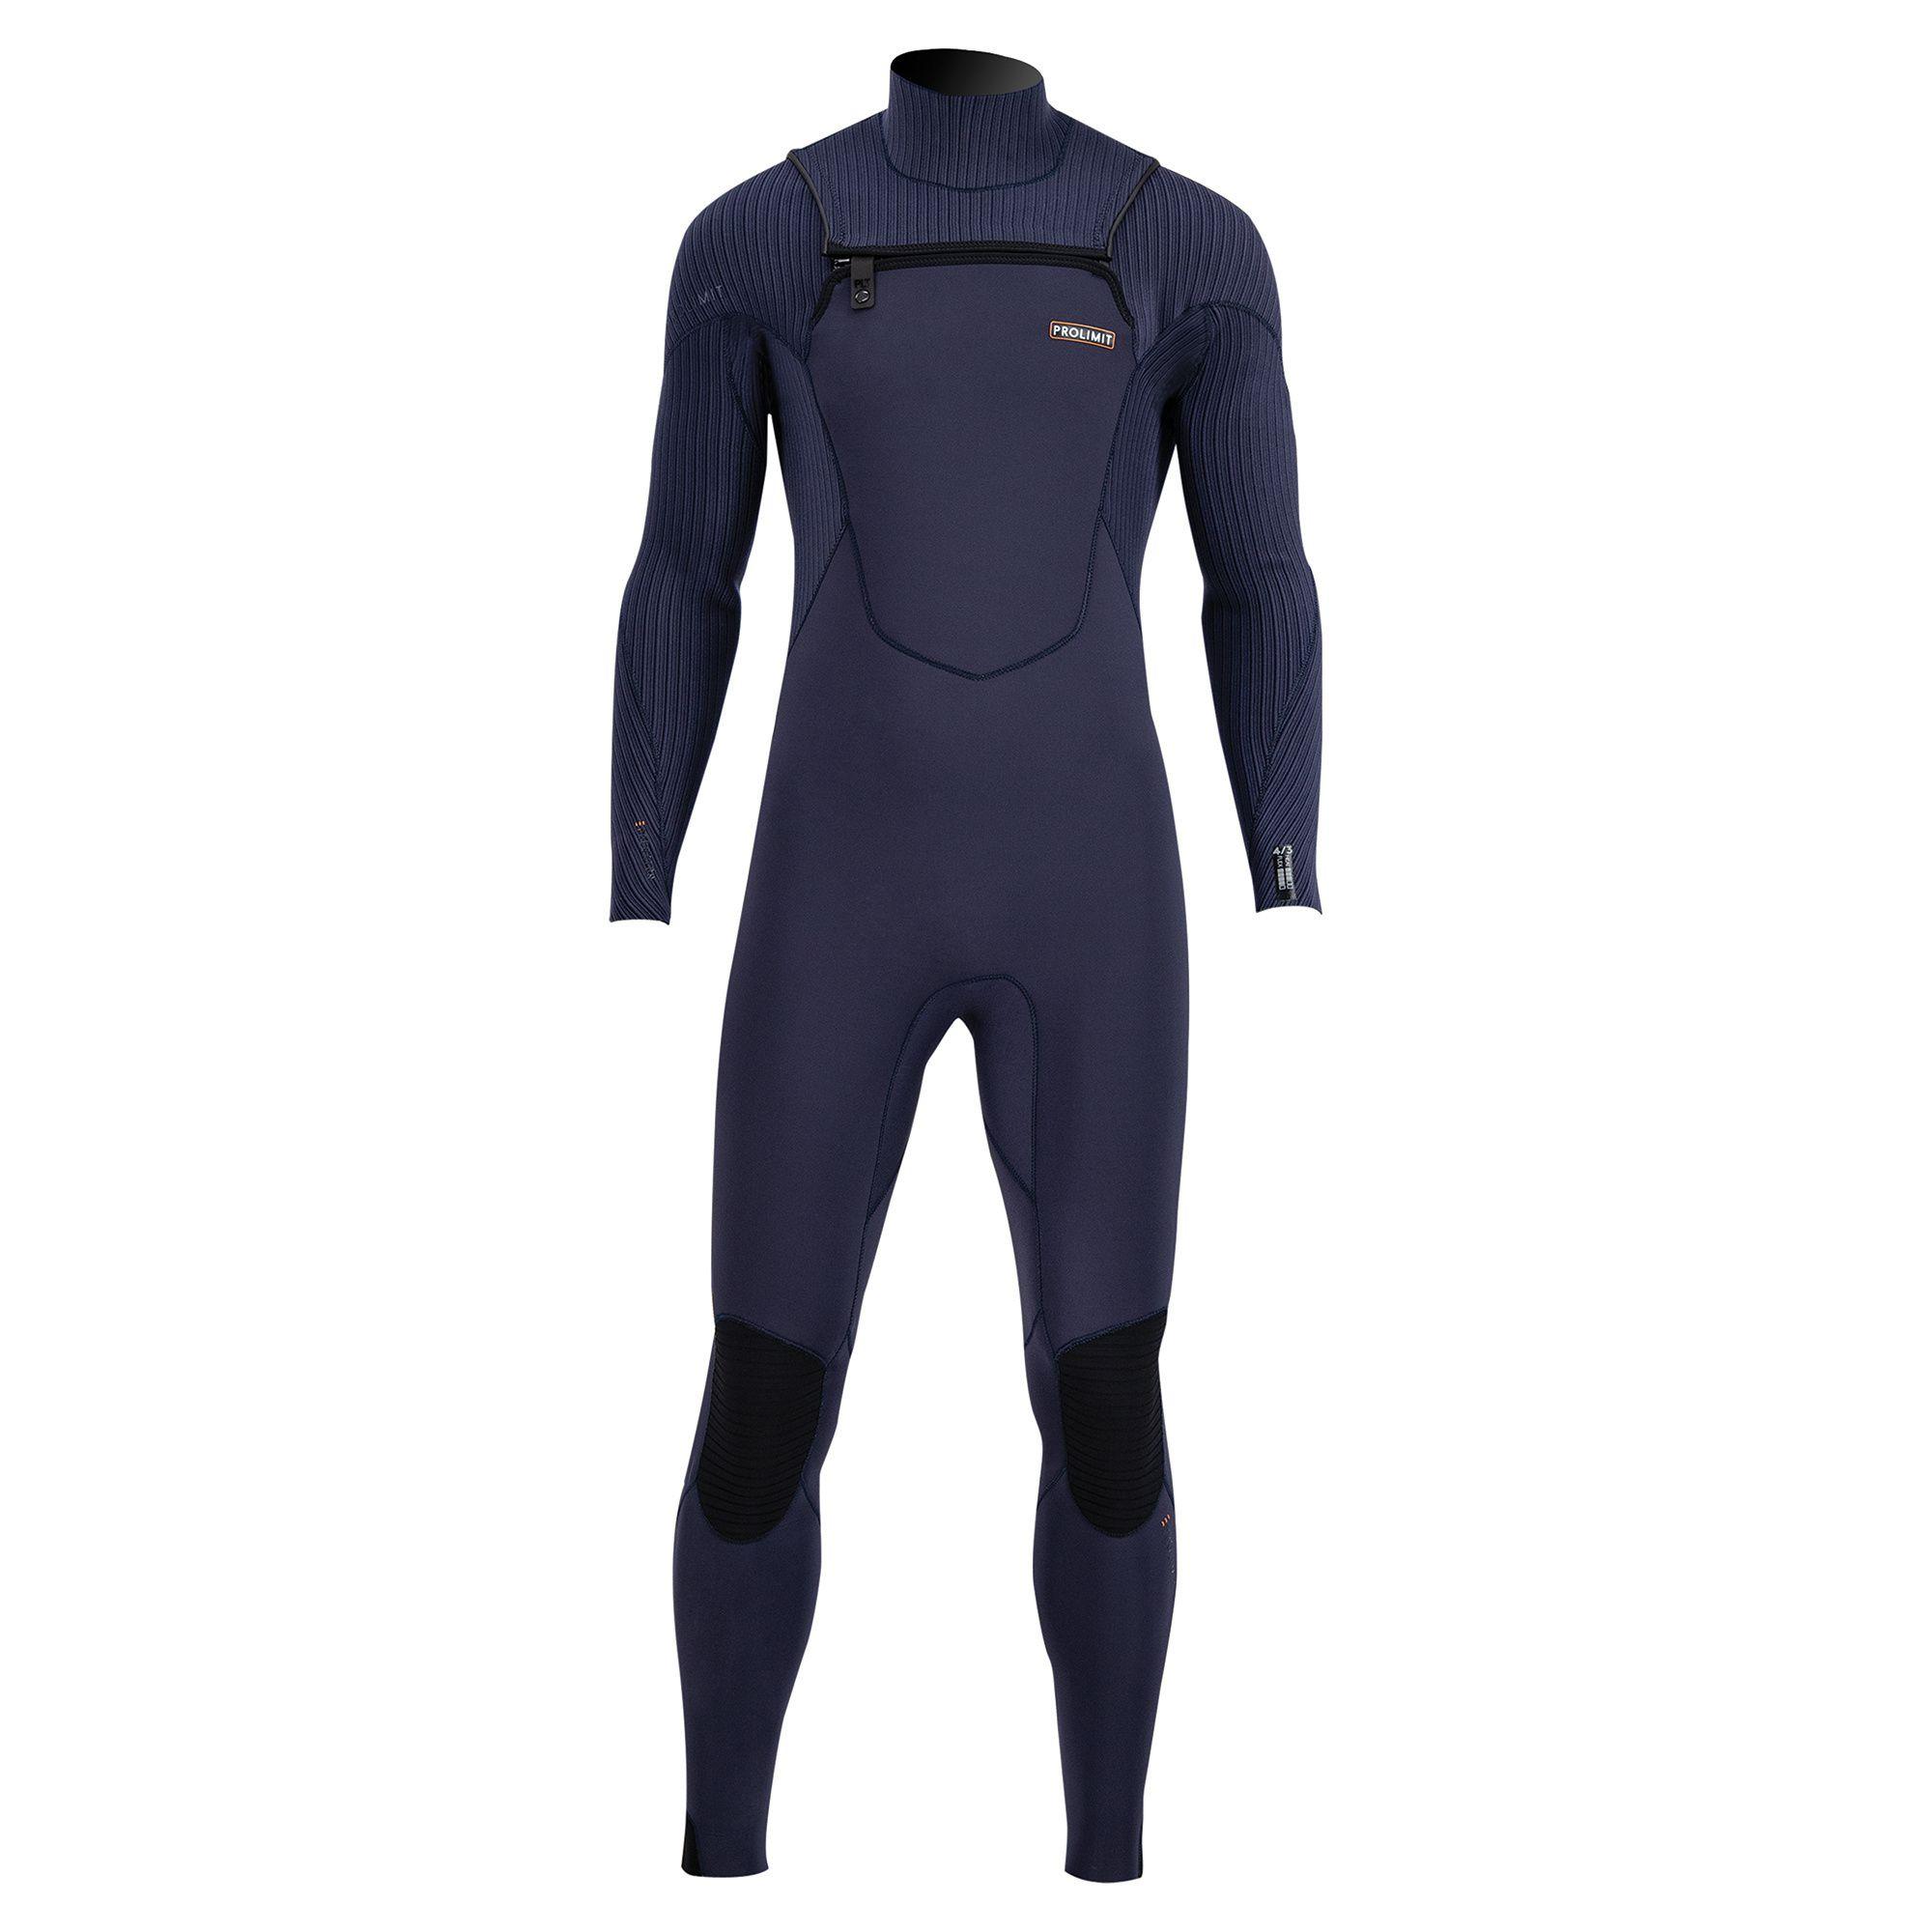 Prolimit Predator Front Zip 5/3 heren wetsuit